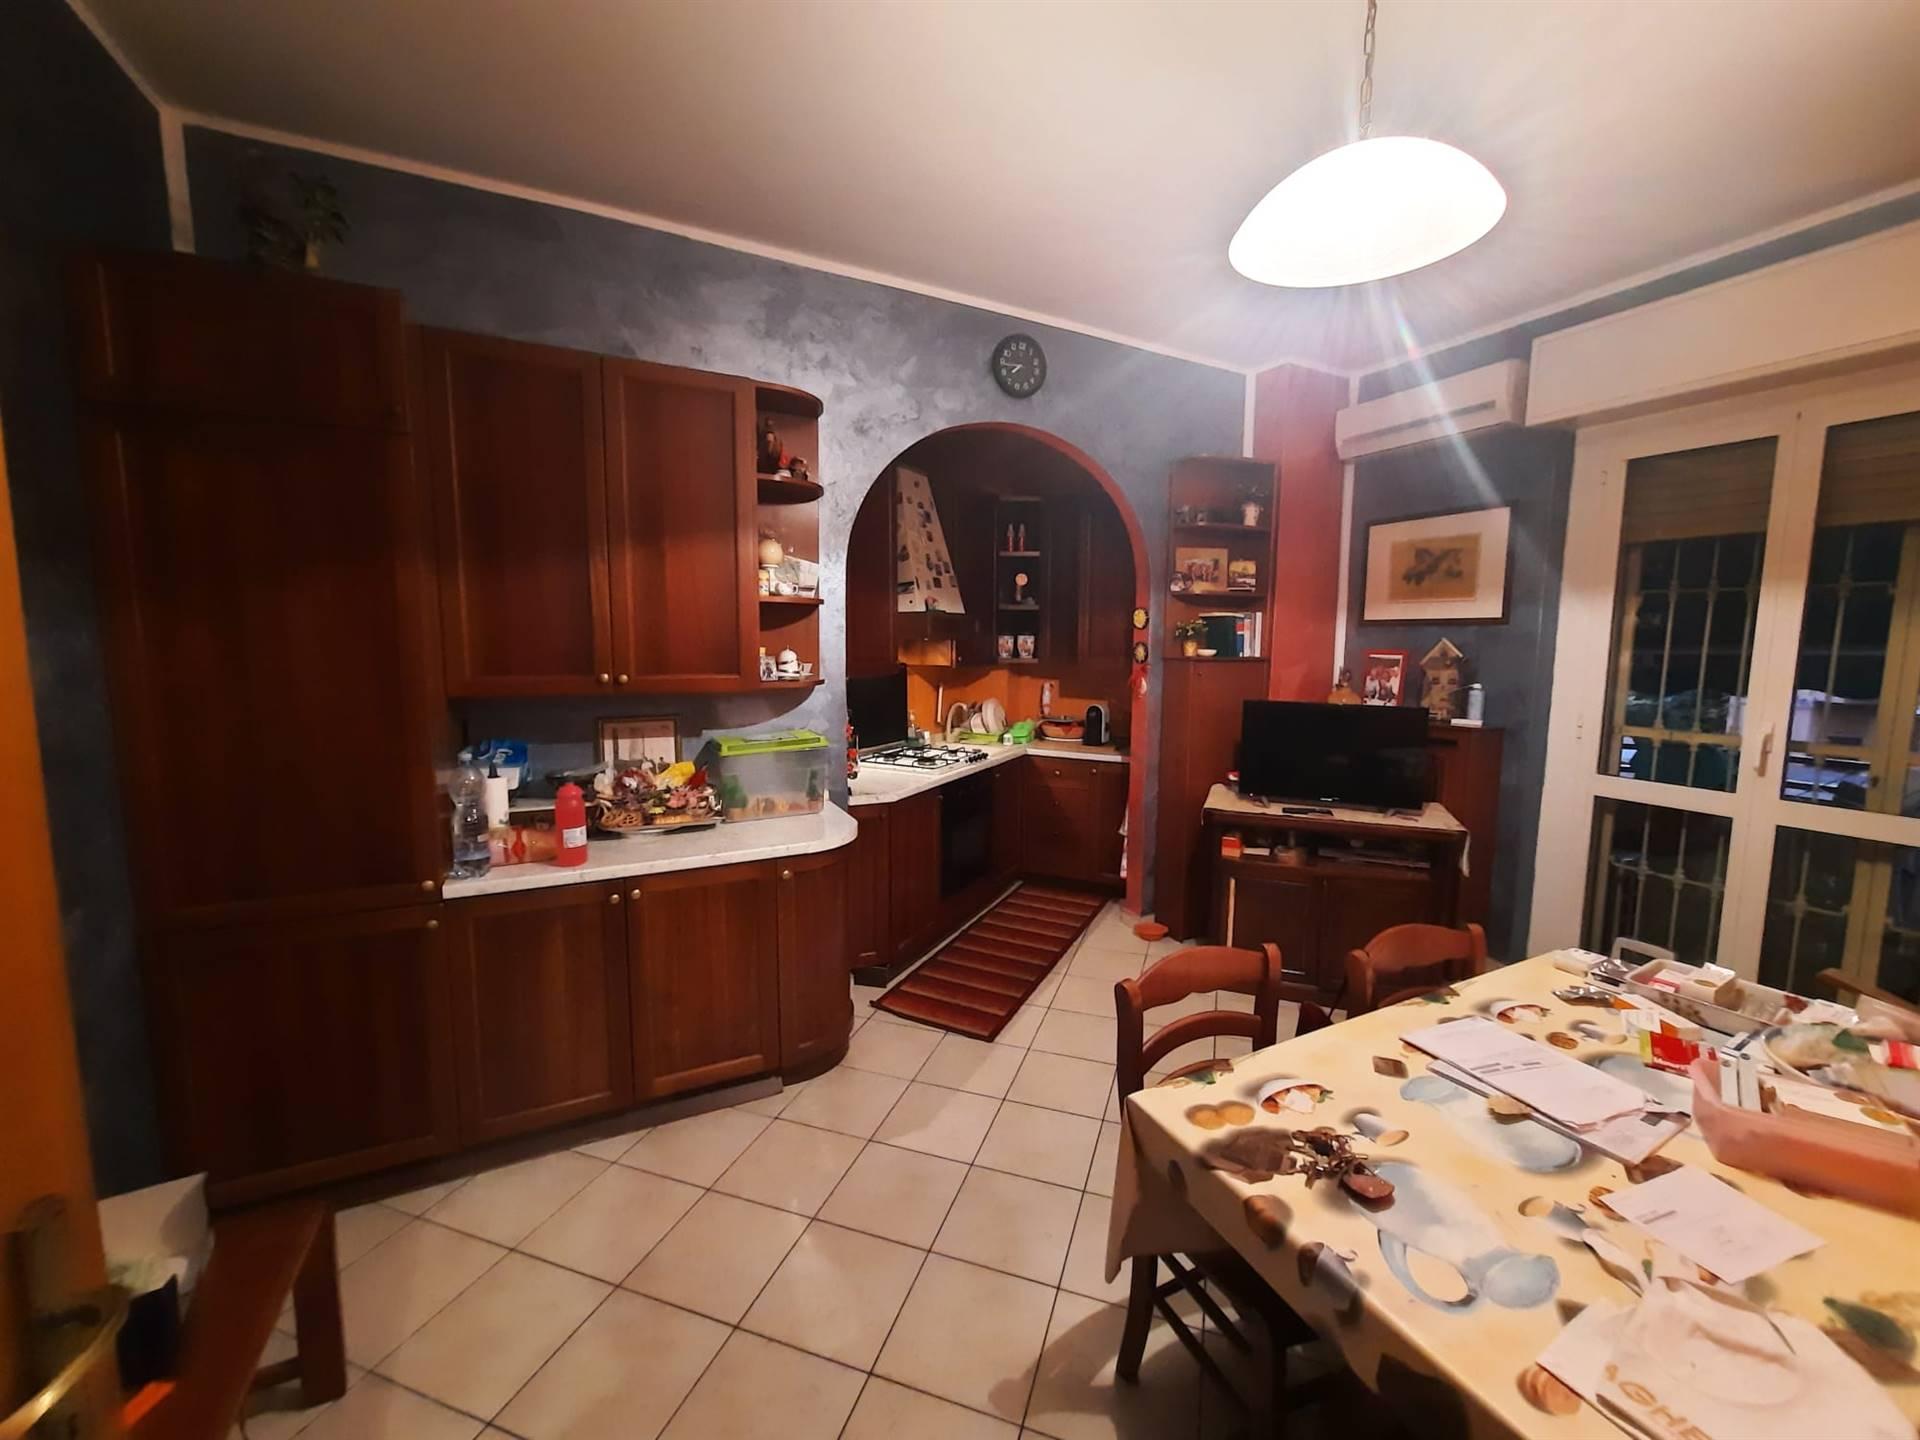 Monza - zona San Rocco, in condominio tre locali mq 75, composto da ingresso, sala con angolo cottura, due camere da letto, bagno, (solaio). In buono